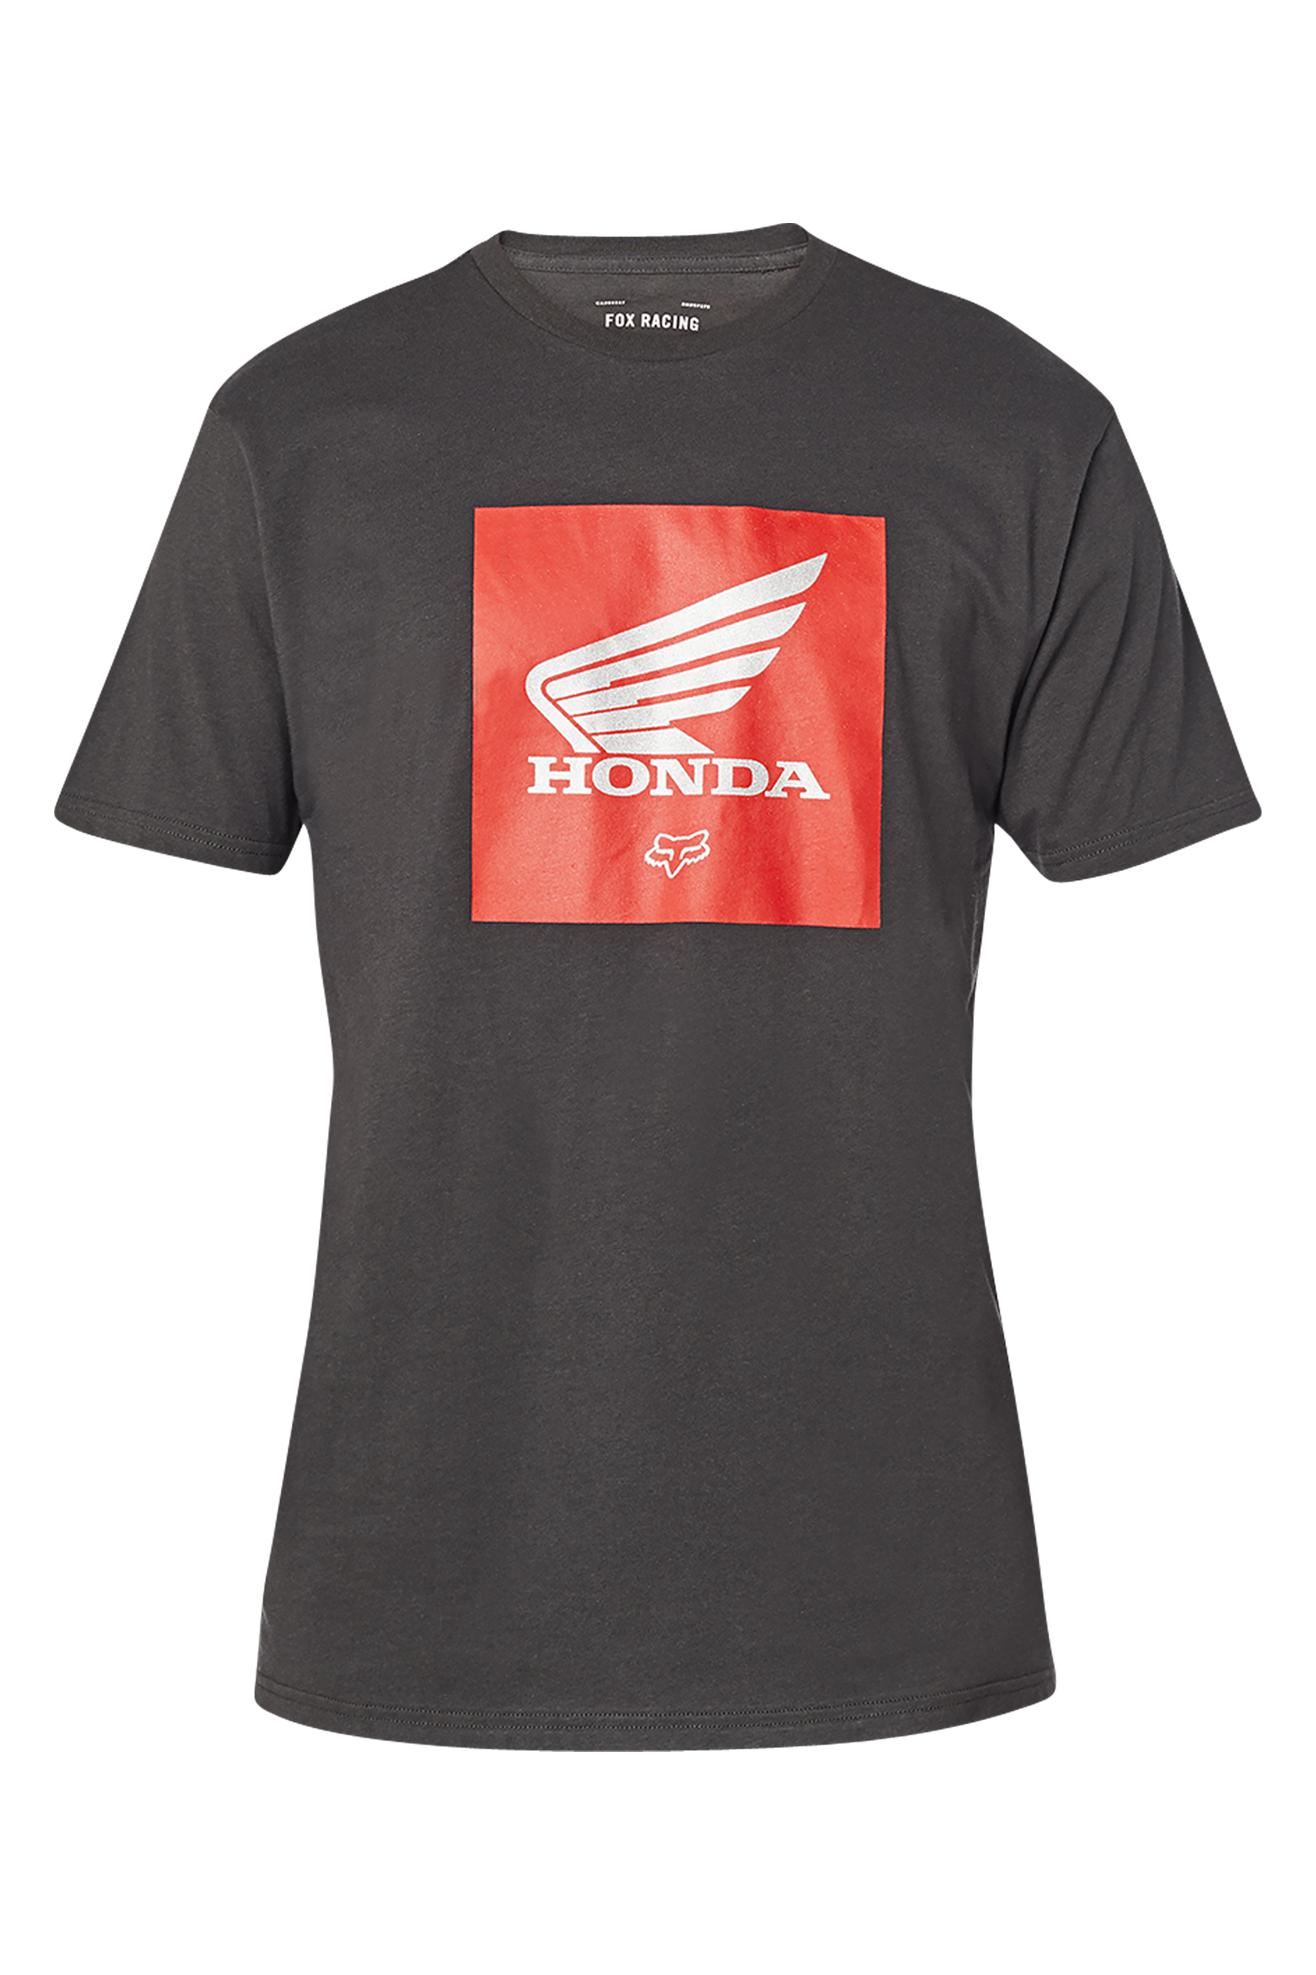 FOX T-Shirt  Racing Honda Premium Update Nera